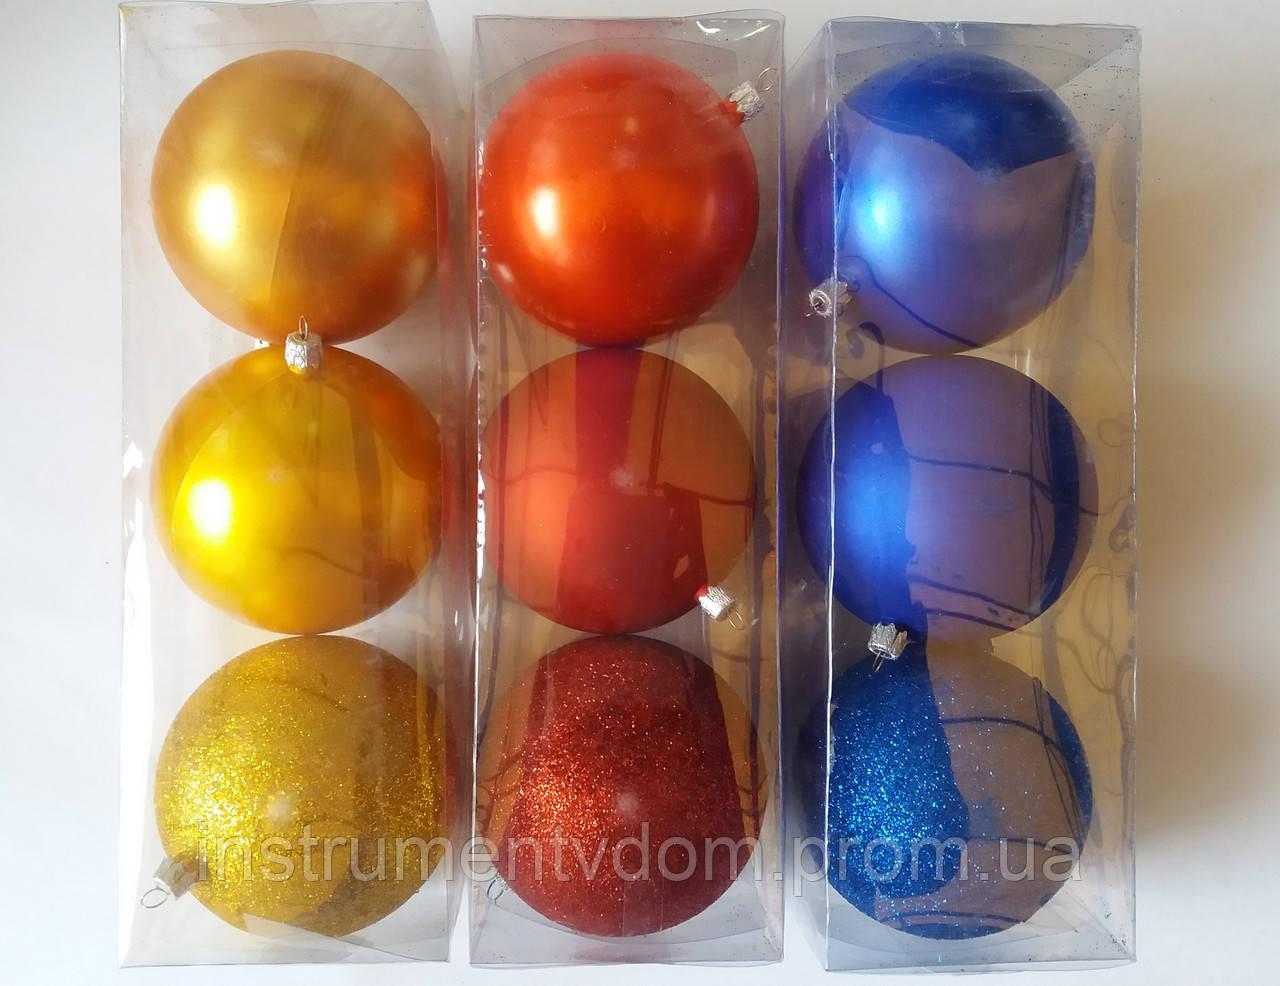 """Елочная игрушка """"Шар однотонный Микс"""" (диаметр 10 см, упаковка 3 шт)"""